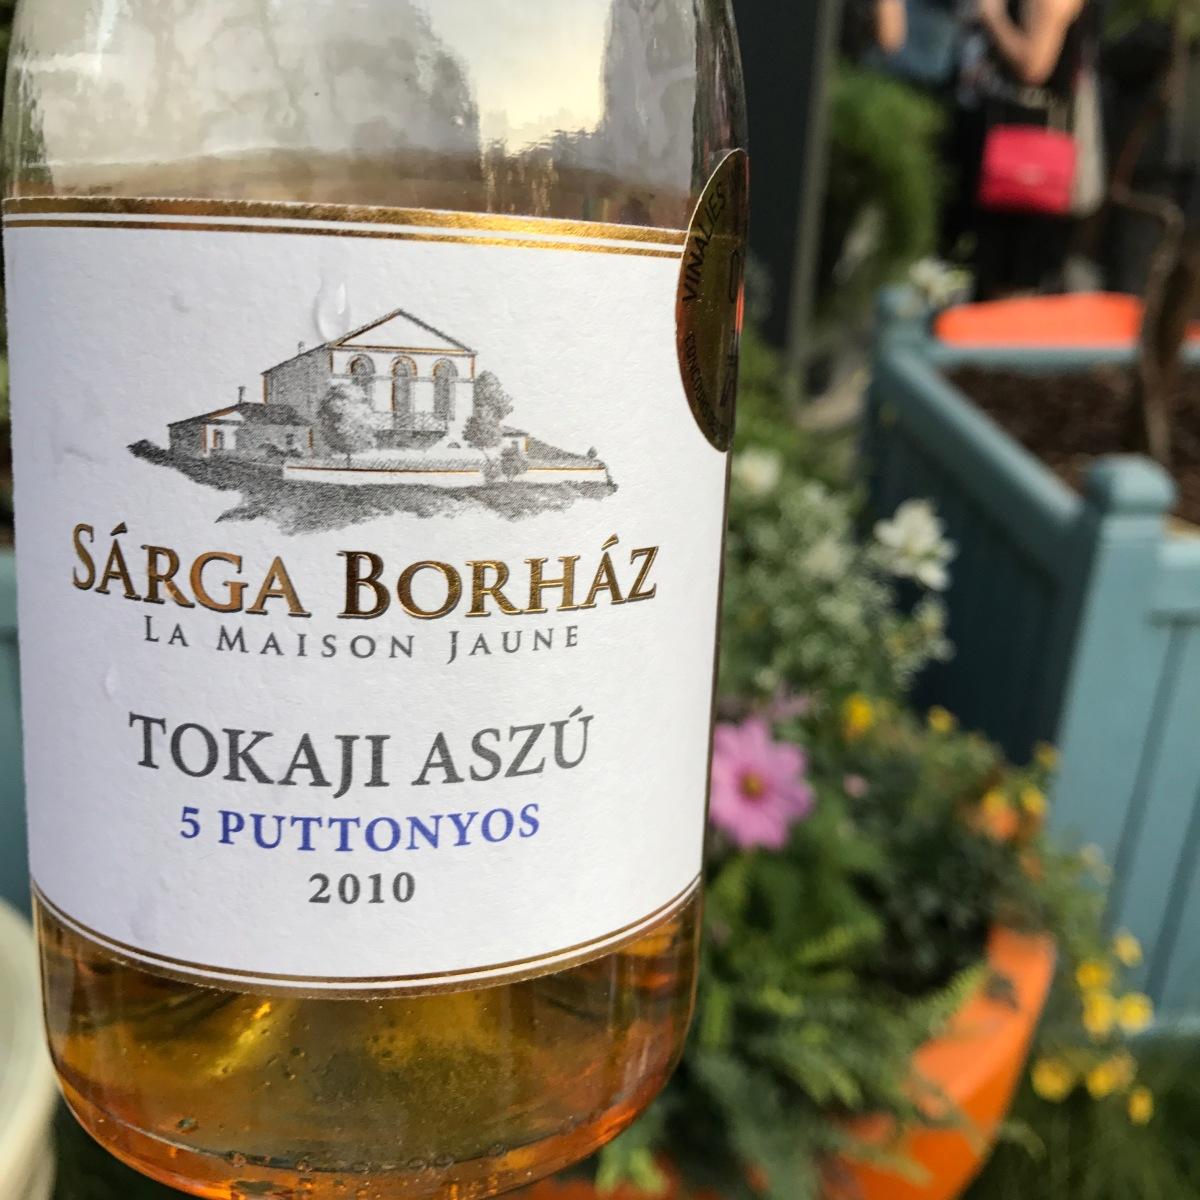 Hongrie tokaji s rga borh z larry levan 20 - Maison de la hongrie paris ...